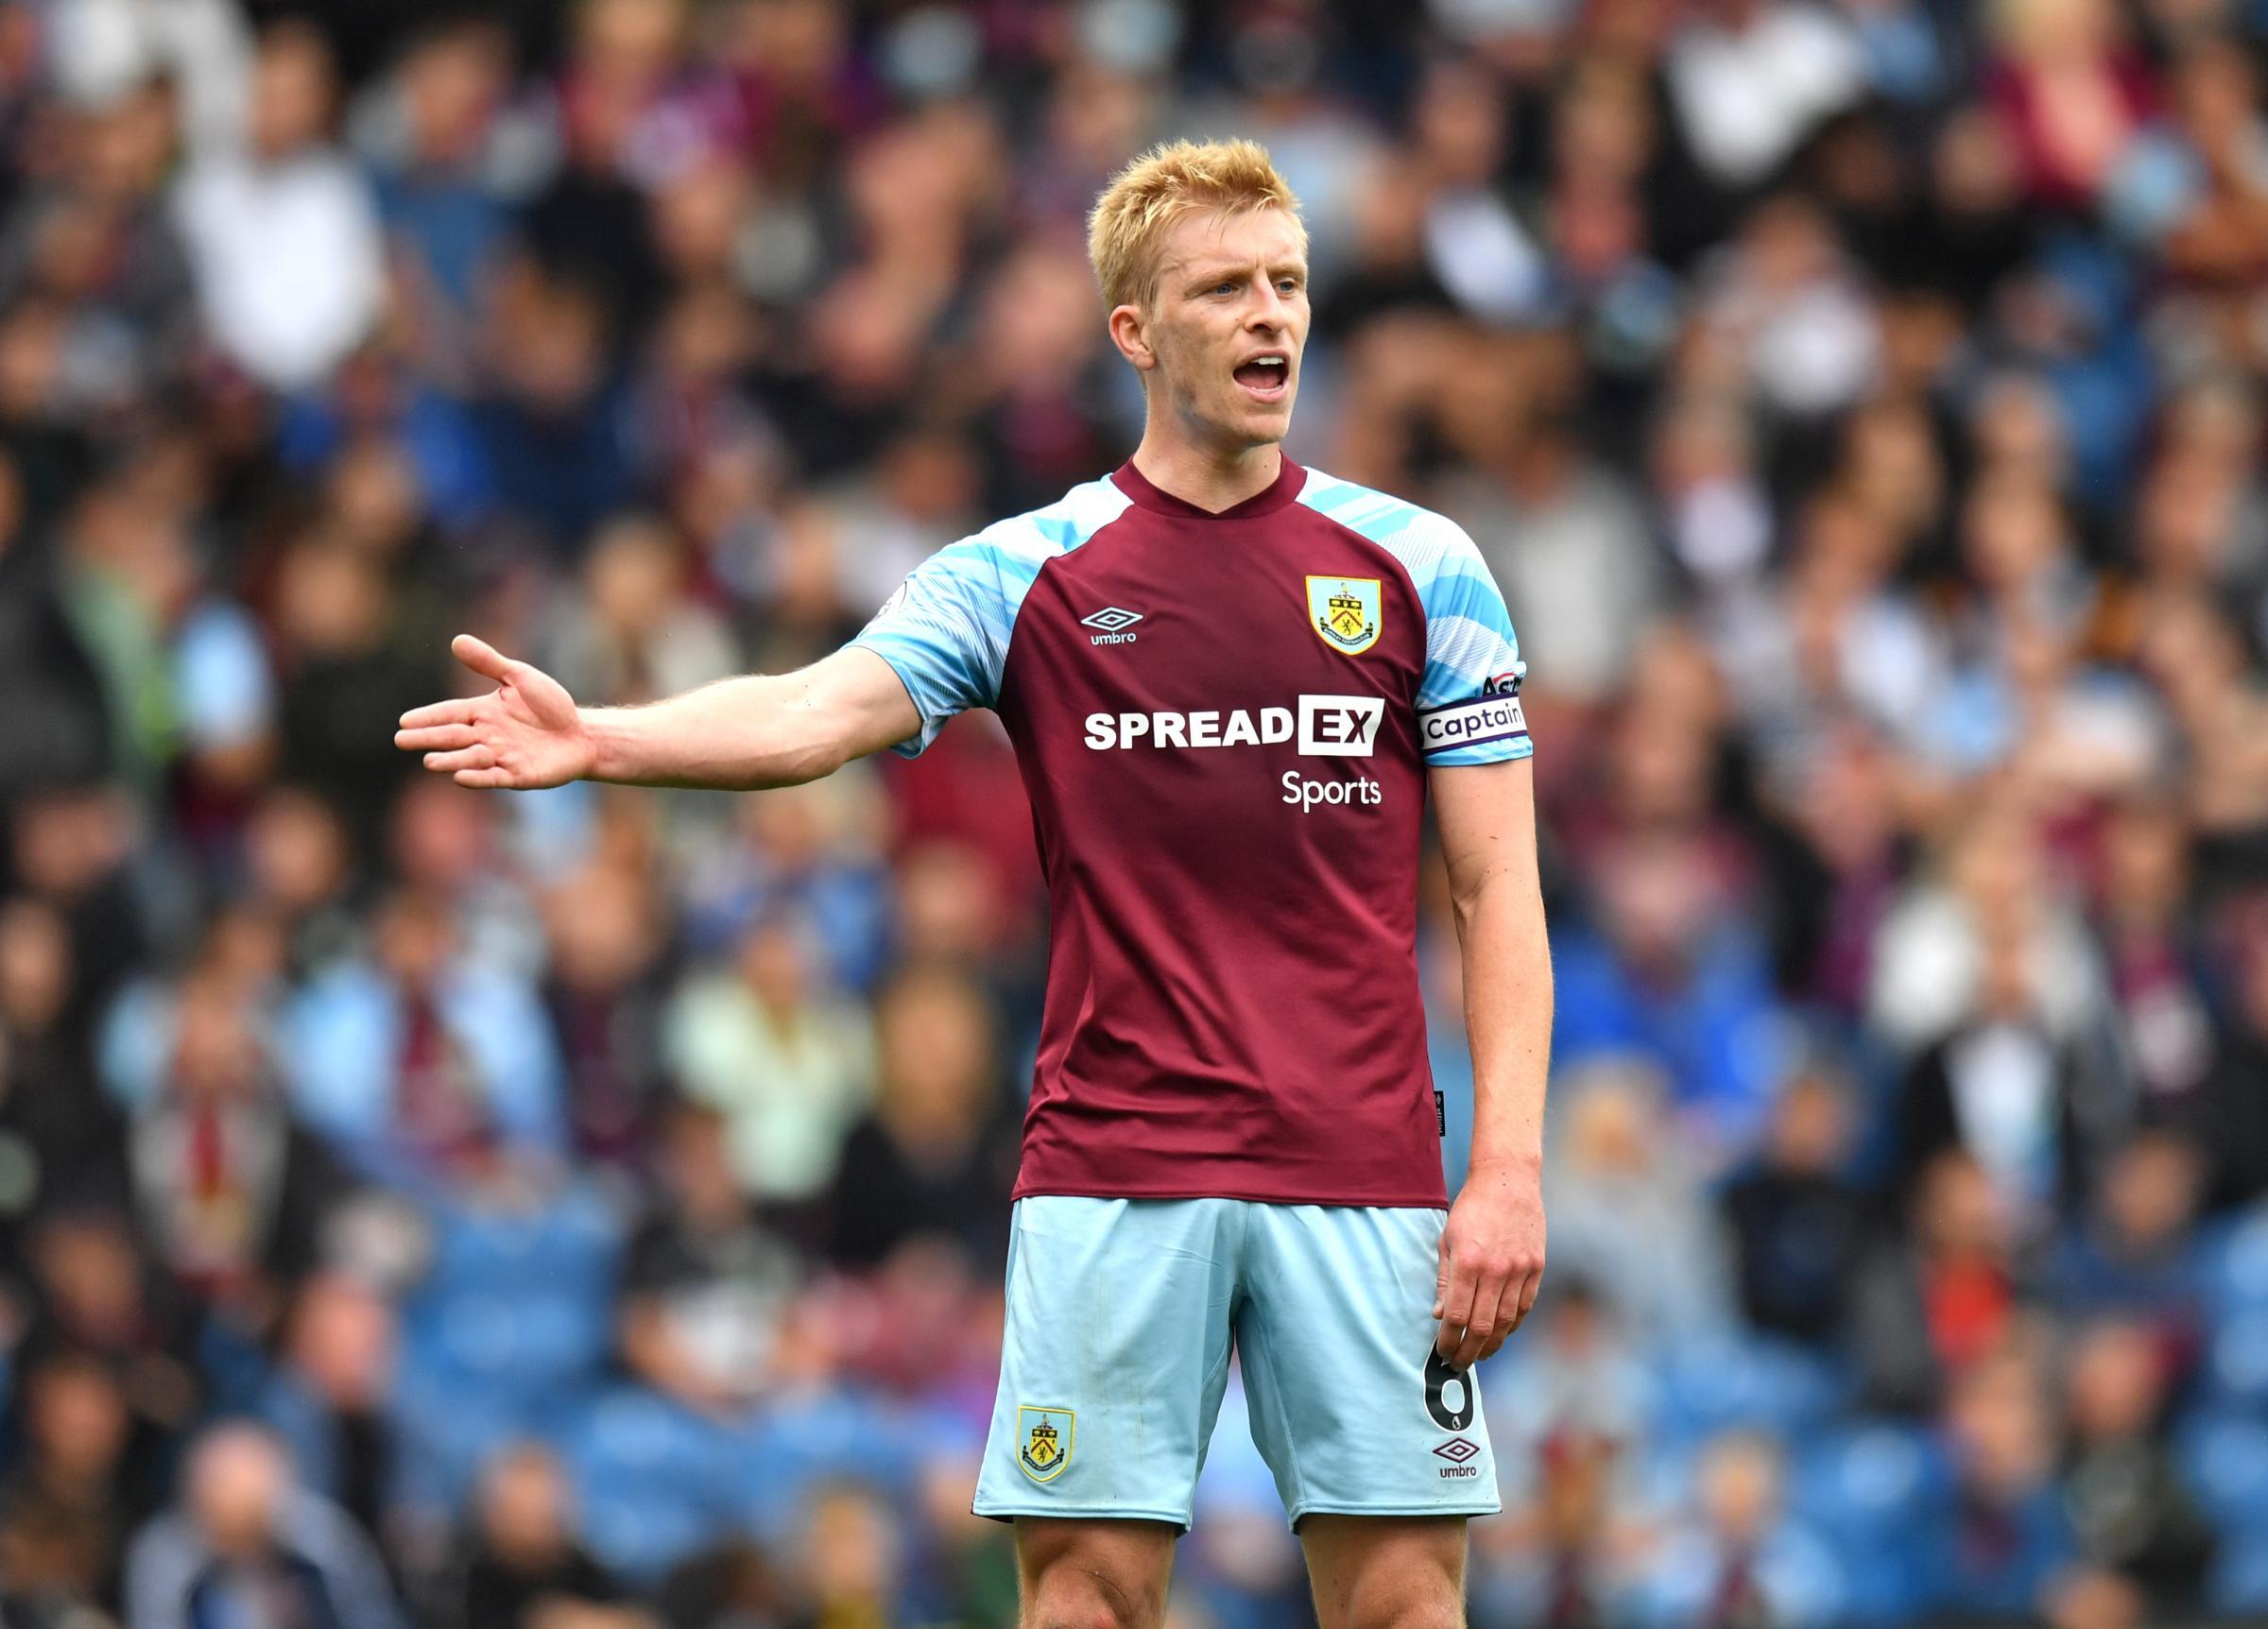 Ben Mee absen dari perjalanan Burnley ke Man City setelah dinyatakan positif Covid-19